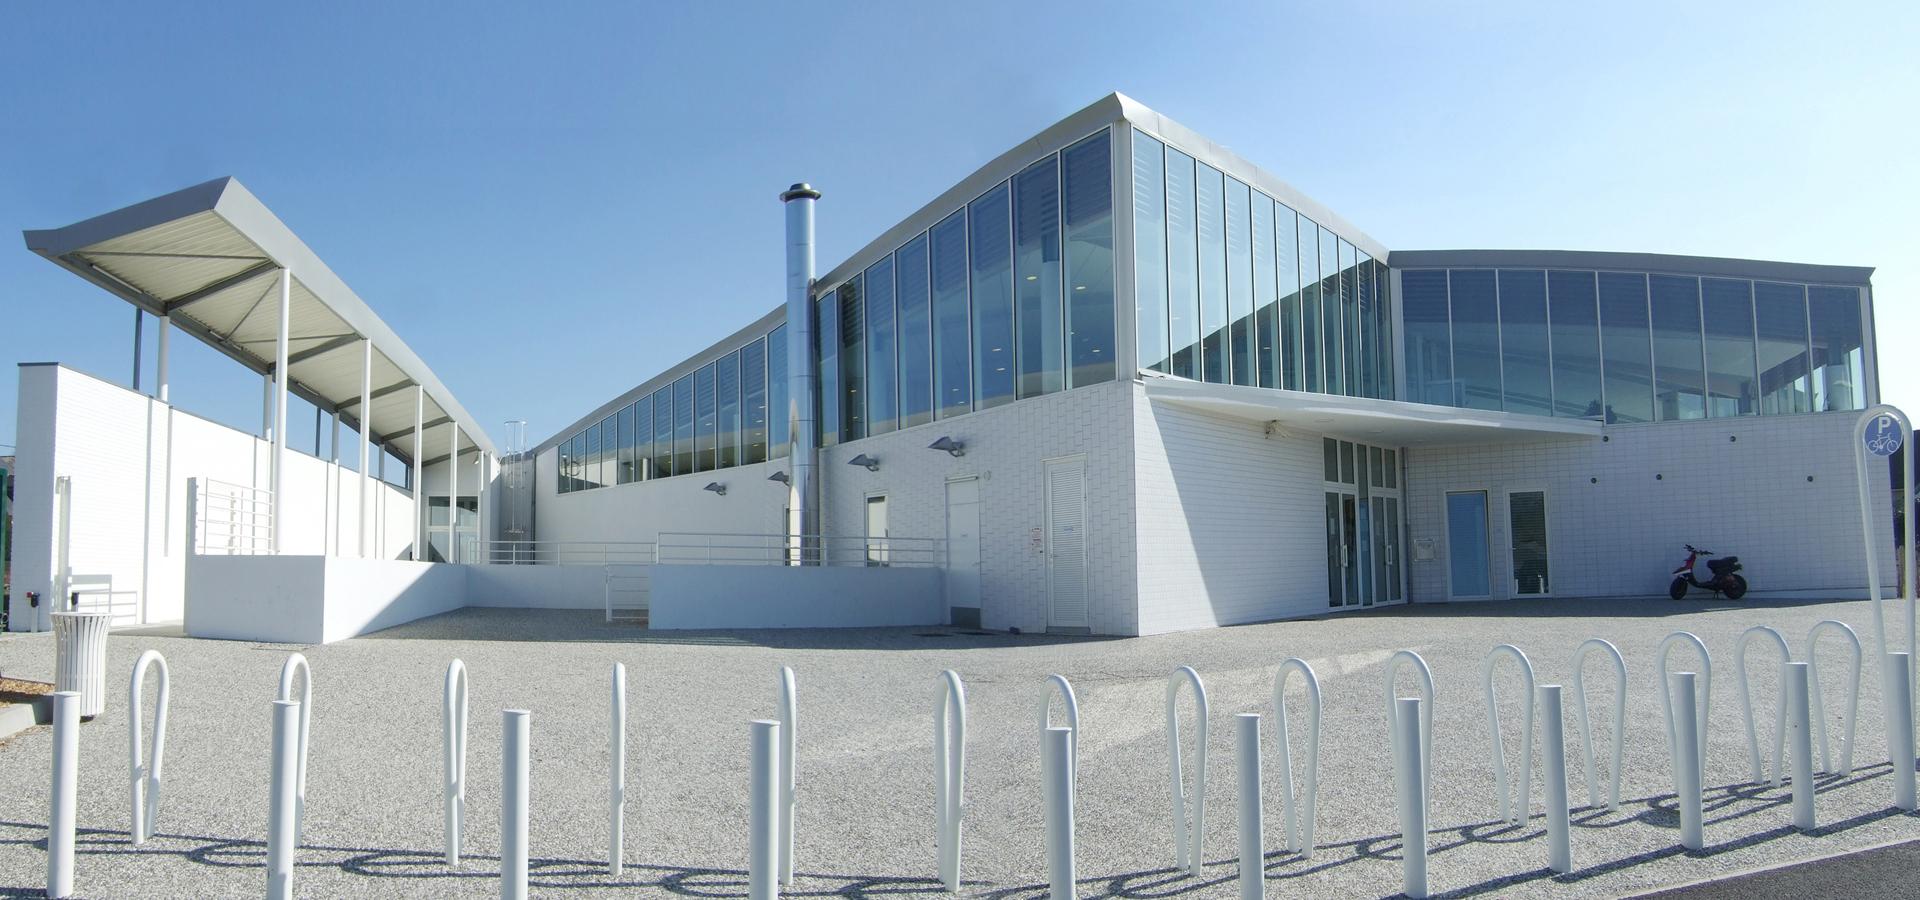 Piscine & Balnéothérapie, Construction - Acta Architecture À Pau avec Piscine Nay